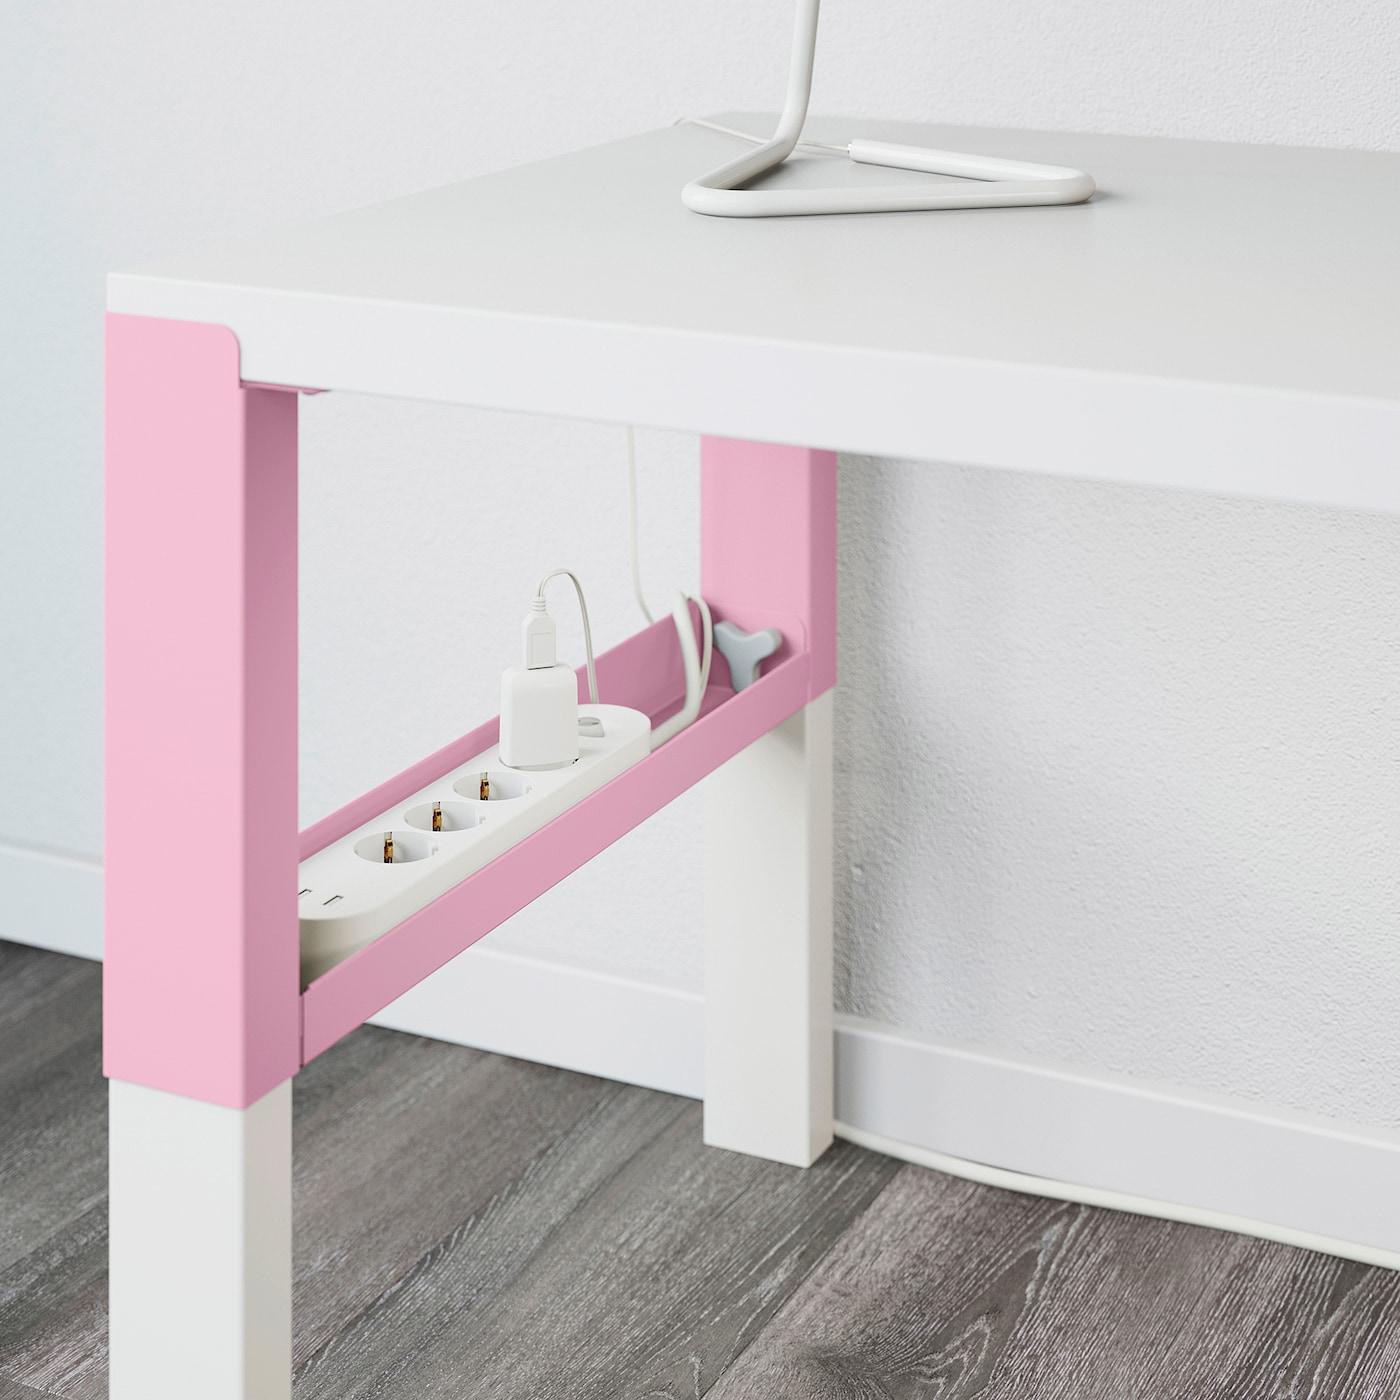 PÅHL Skrivbord, vit, rosa, 128x58 cm IKEA